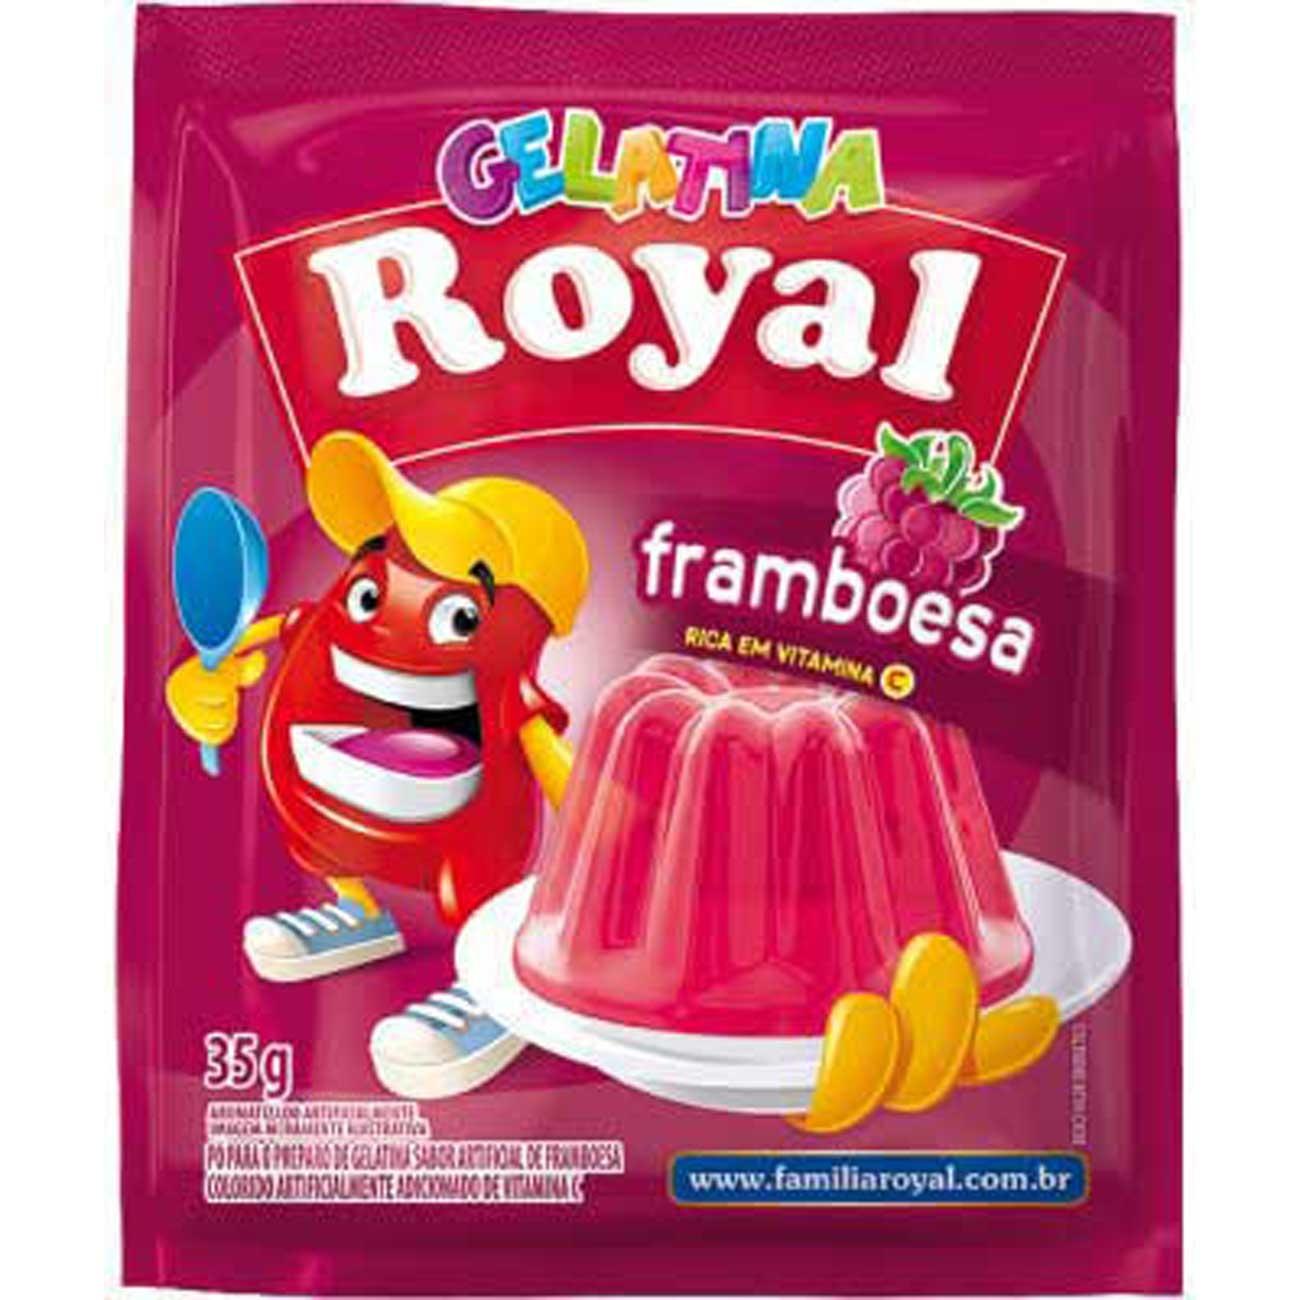 Gelatina Royal 25G Framboesa